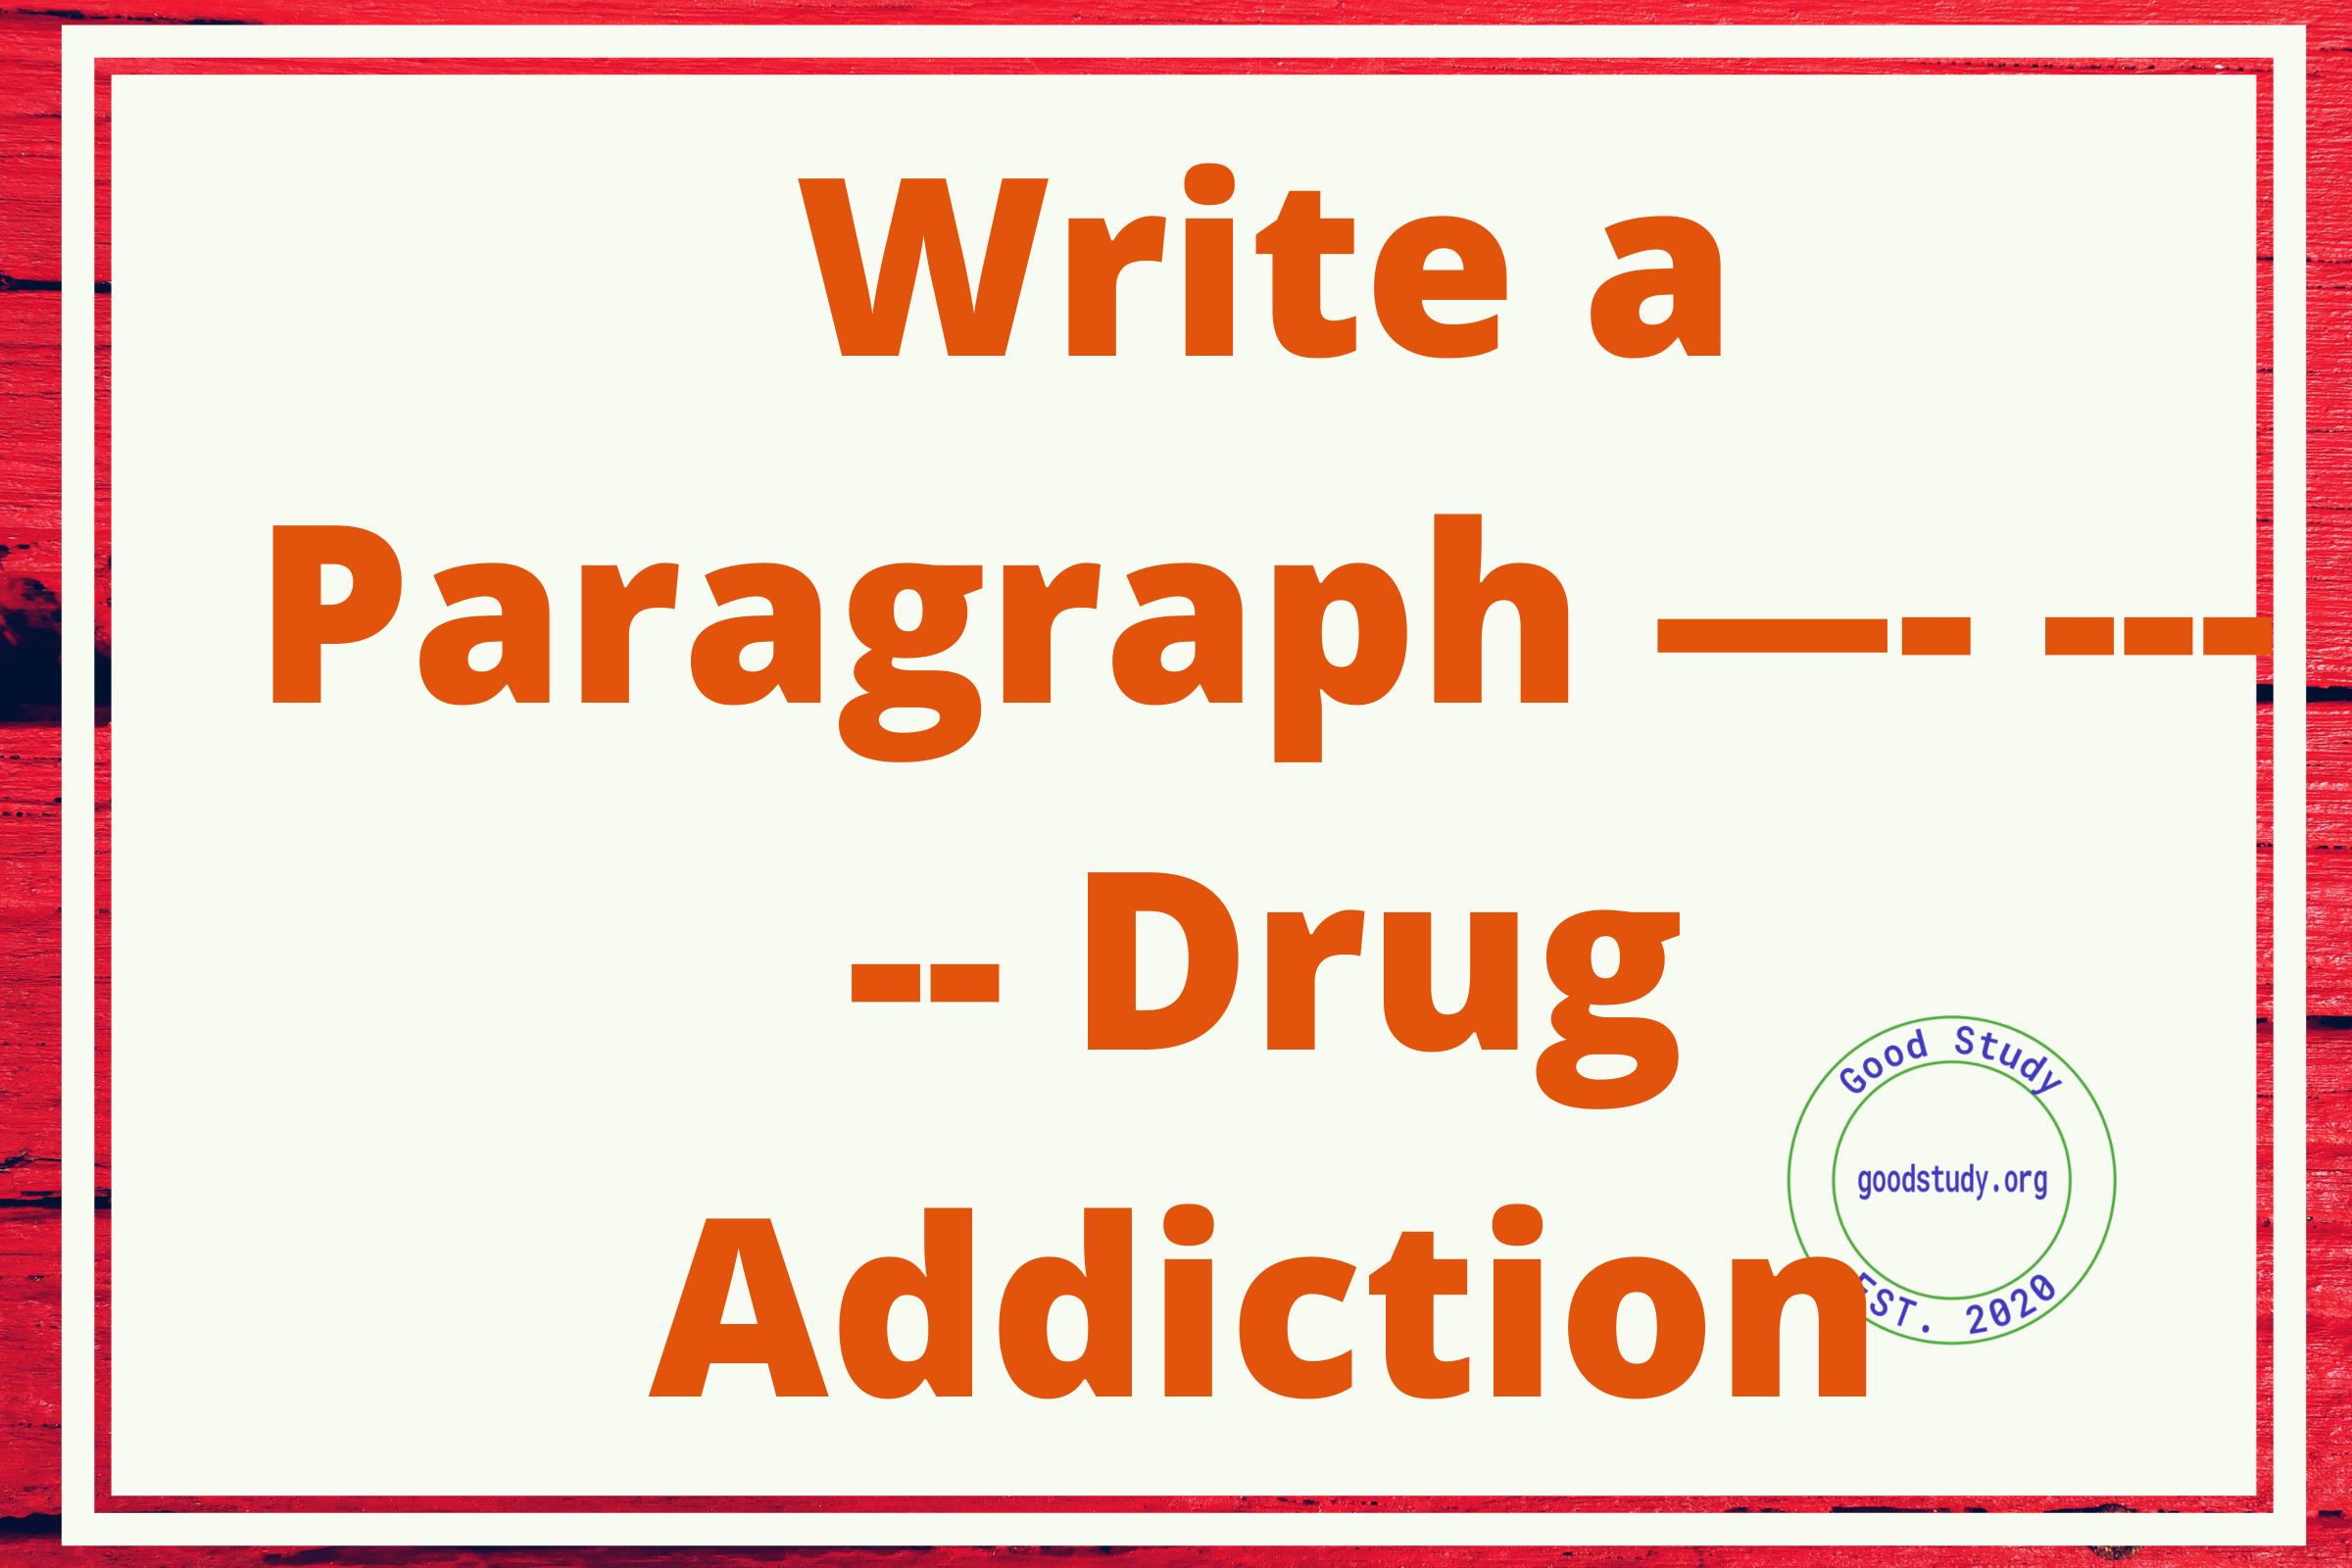 Write a Paragraph —- ----- Drug Addiction